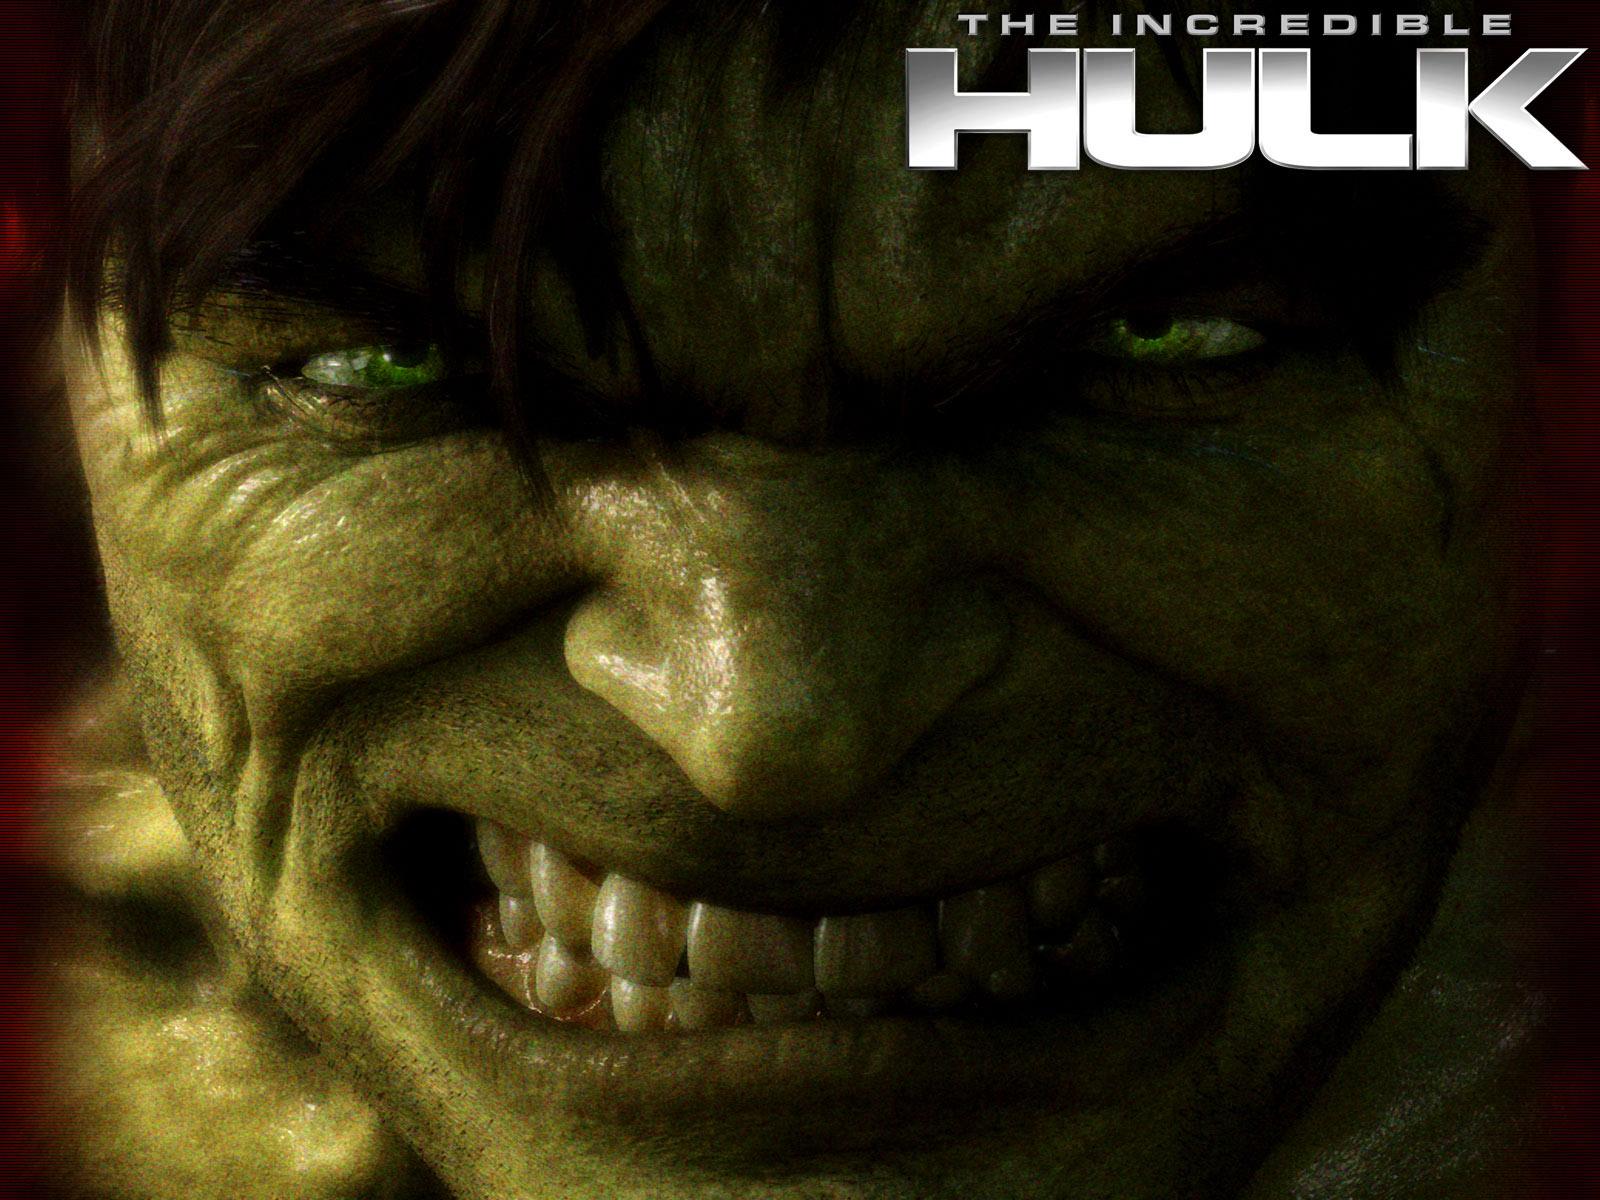 41 Incredible Hulk Wallpaper Hd On Wallpapersafari